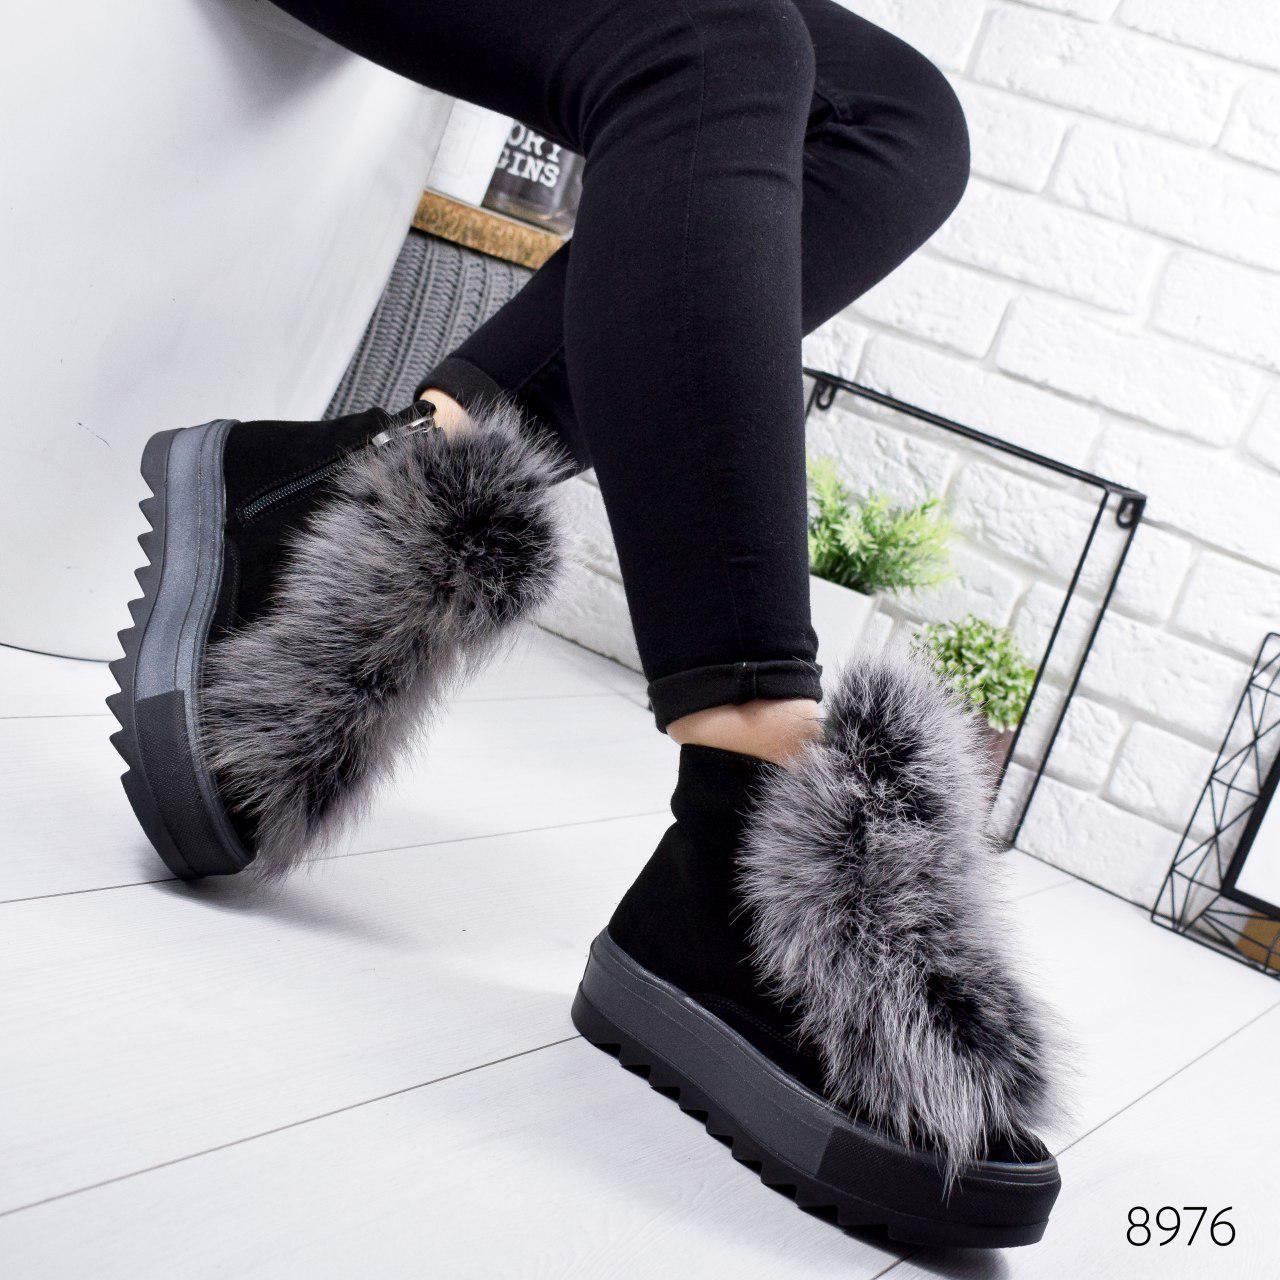 """Ботинки женские зимние, черного цвета из натуральной замши """"8976"""". Черевики жіночі. Ботинки теплые"""